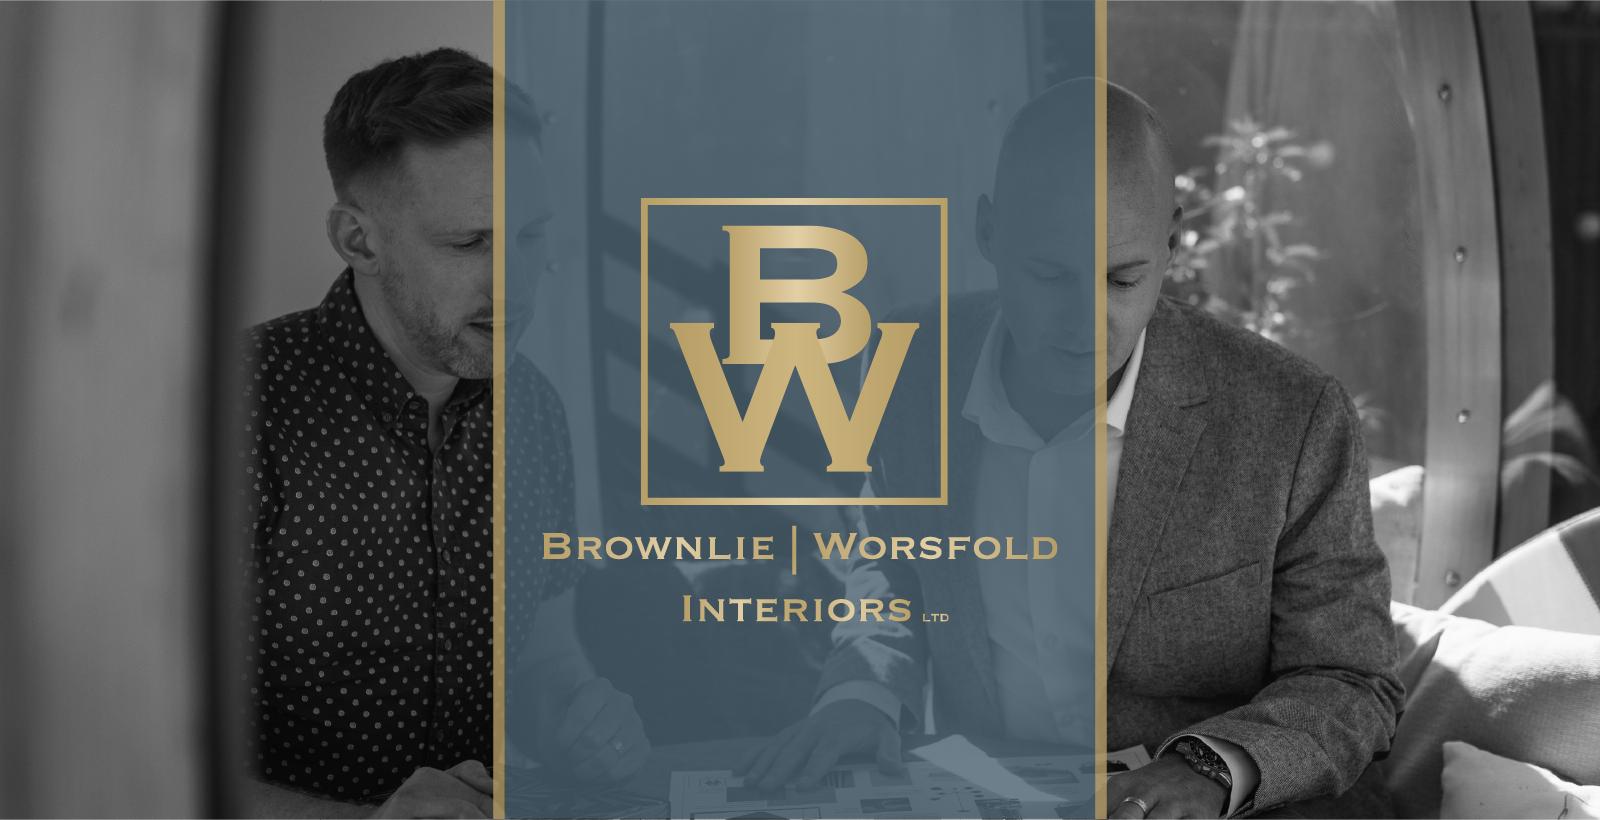 Scott Brownlie & Richard Worsfold of Brownlie|Worsfold Interiors Ltd